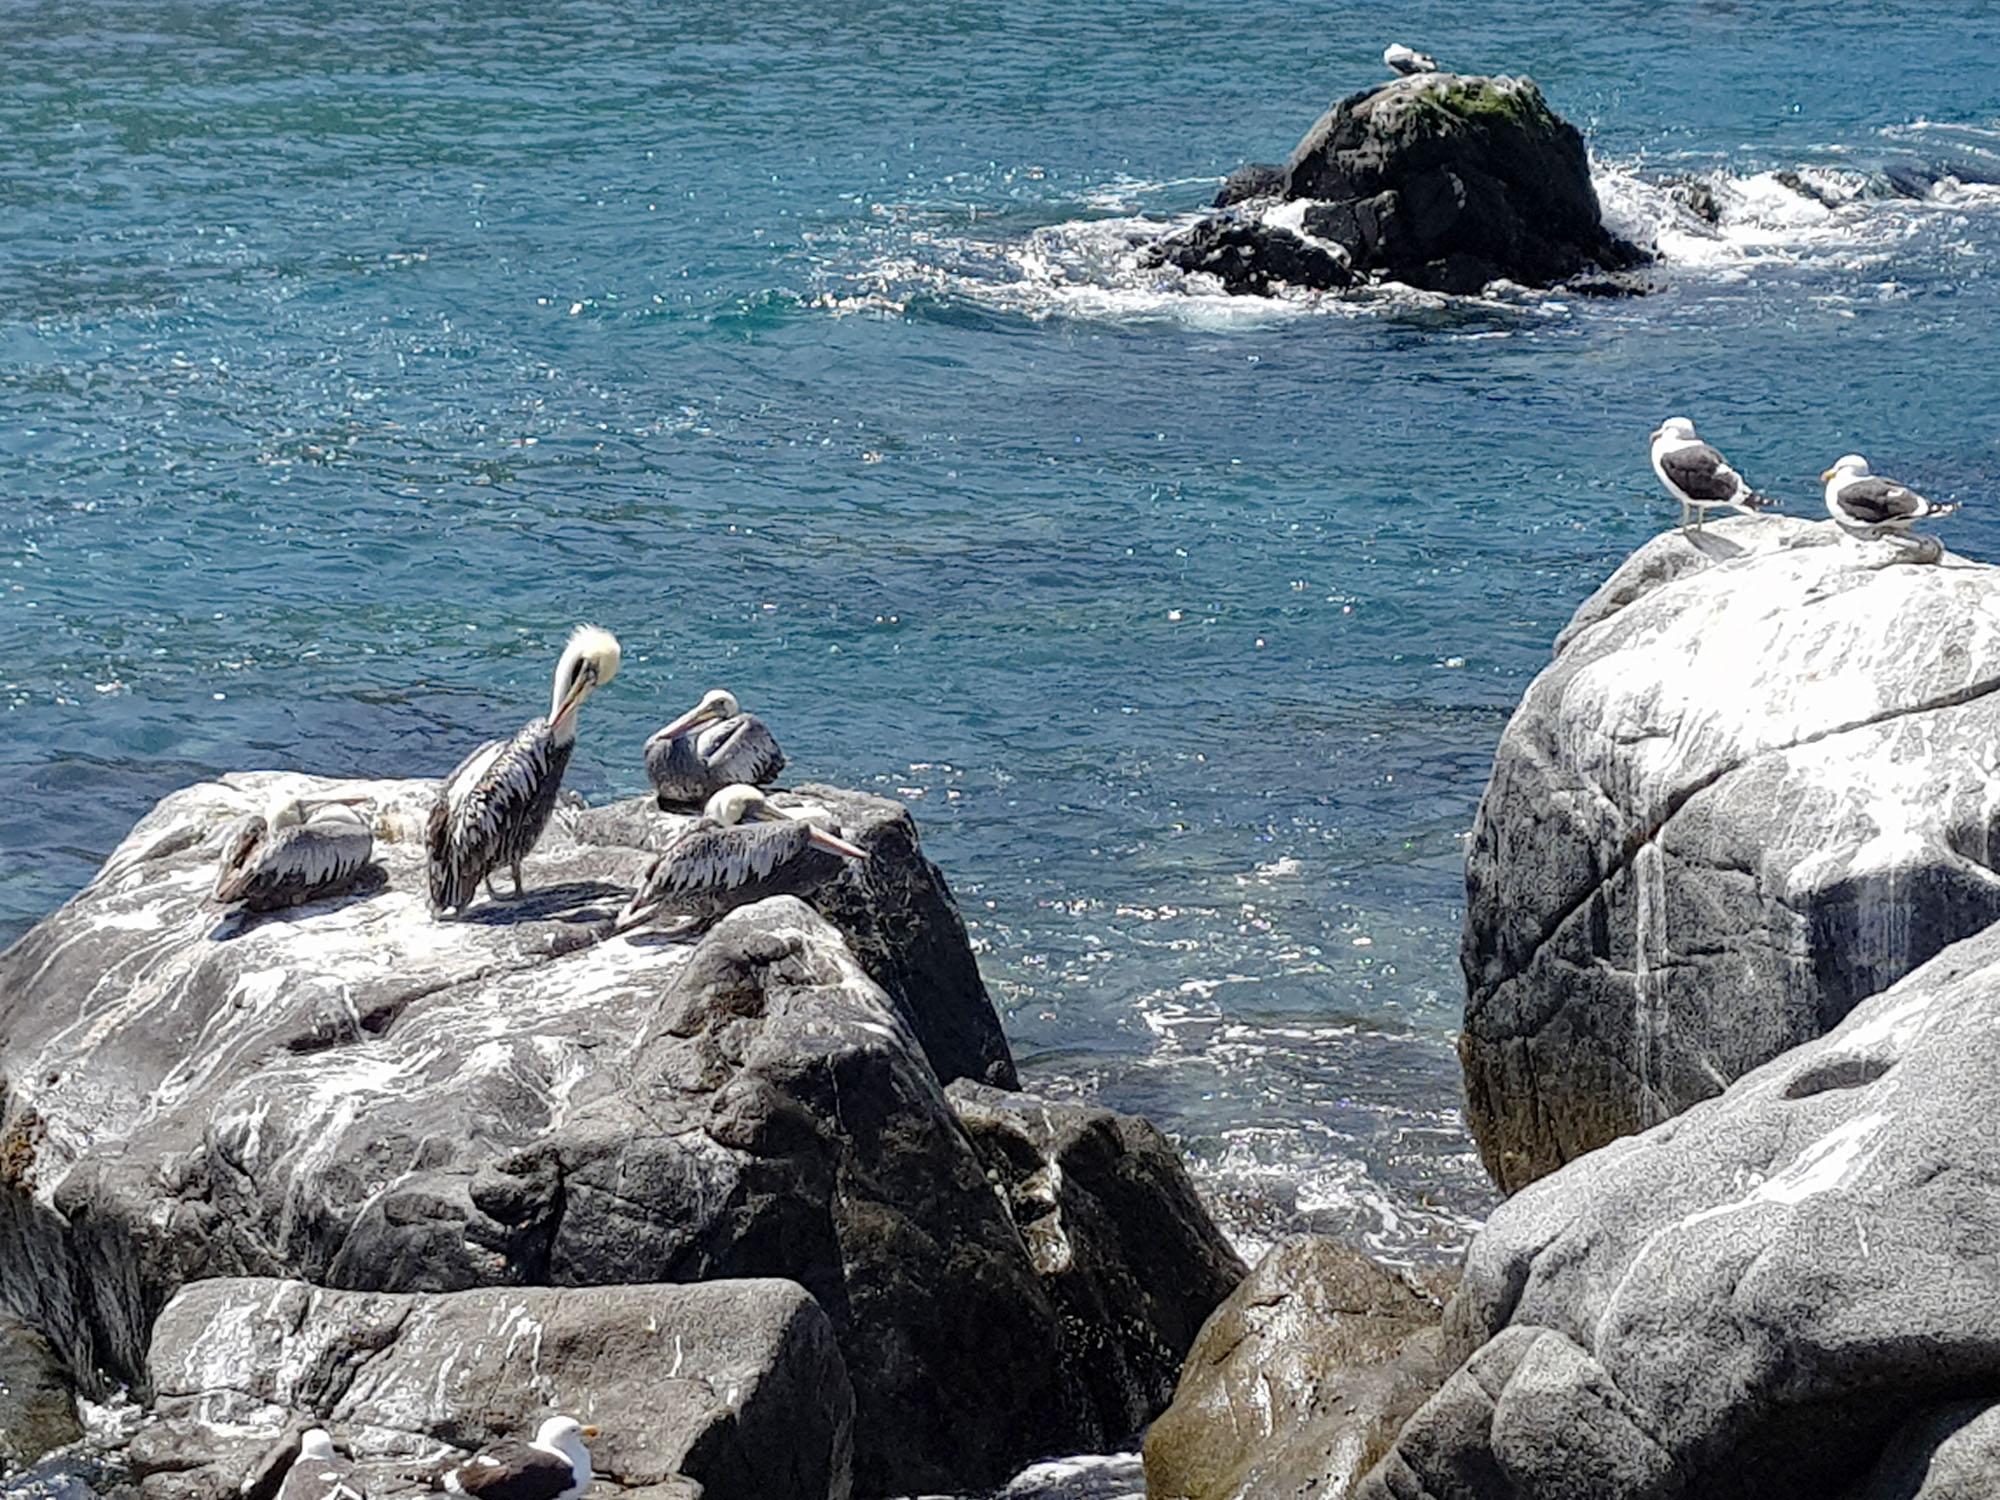 Pelikane in der Bucht von Zapallar